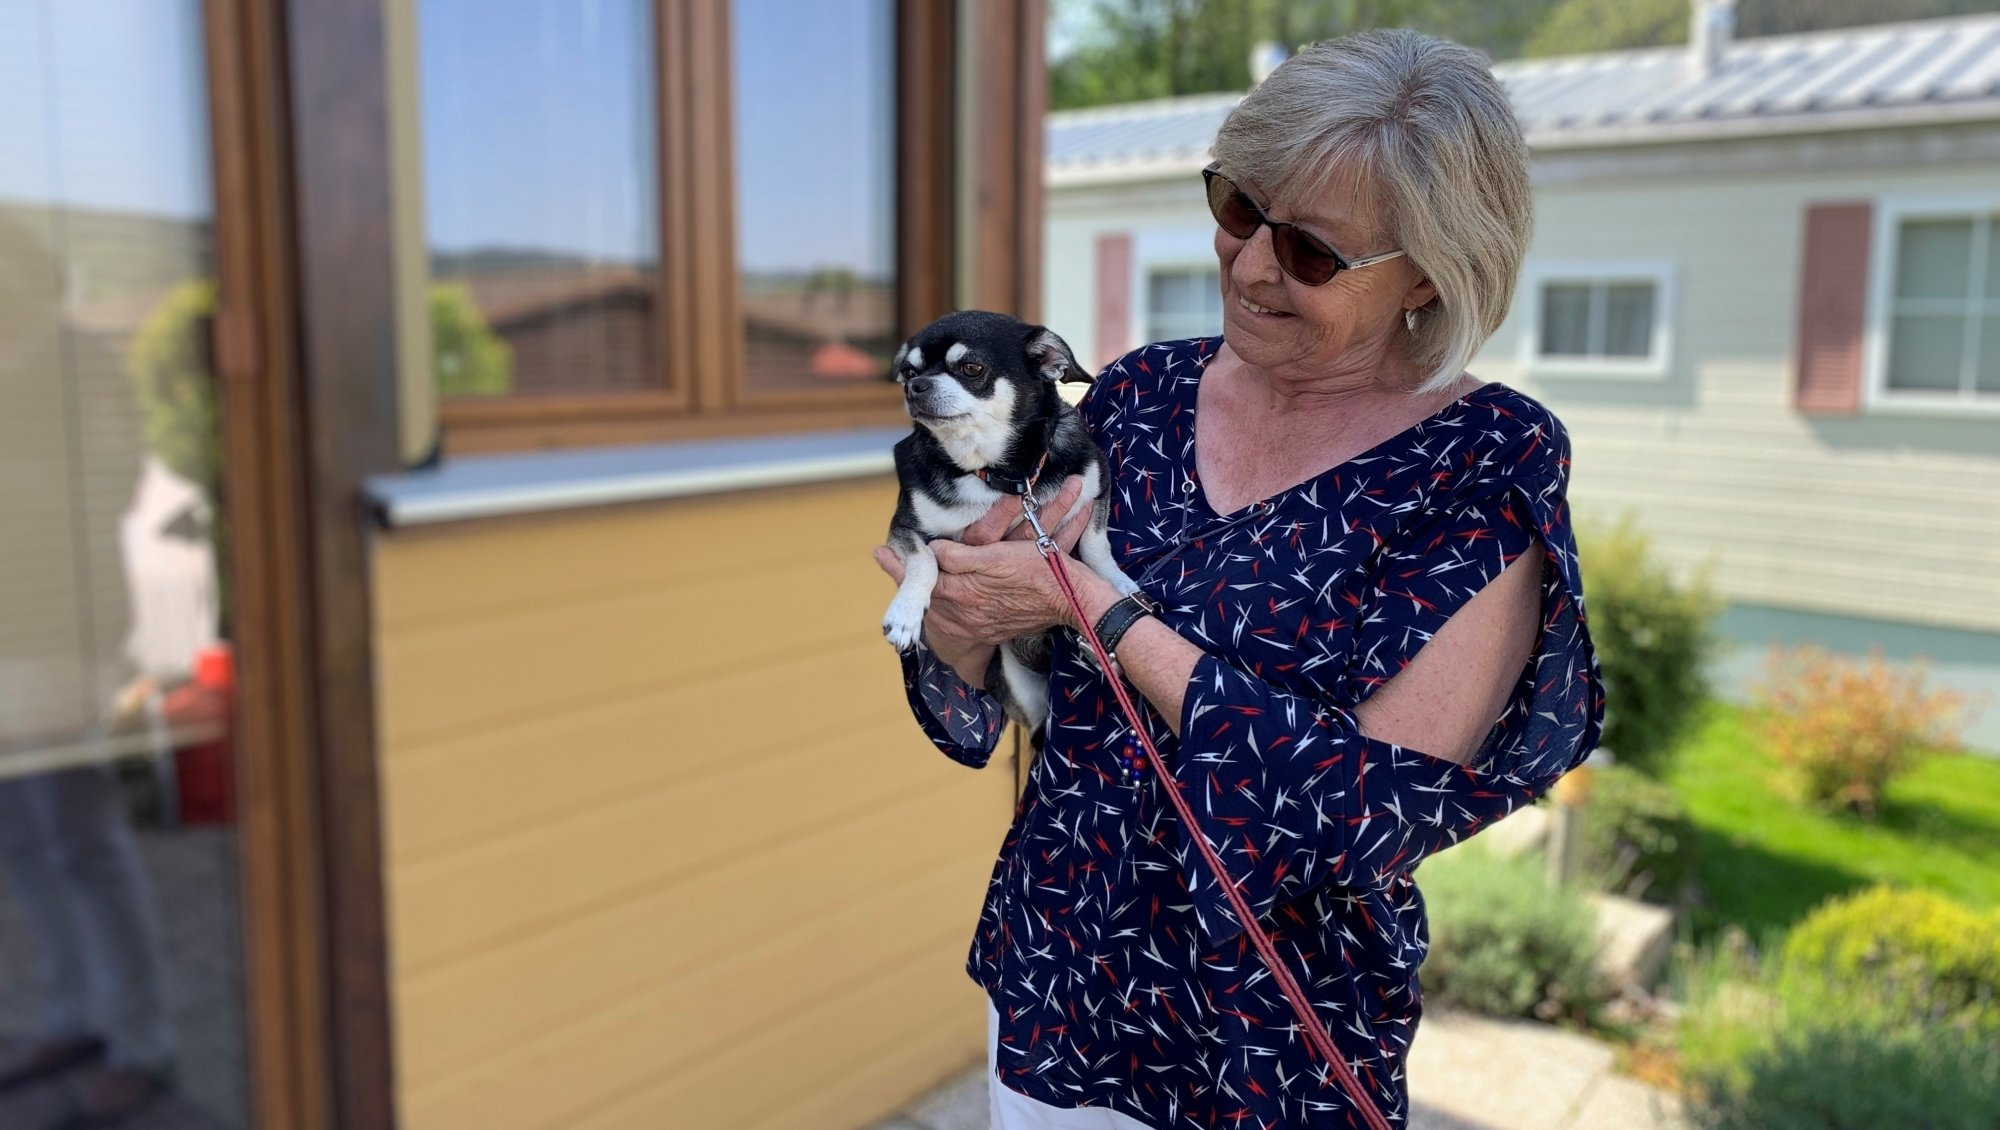 Au camping des Brenets, Nicole Berra vit toute l'année dans son mobile home avec son chien Fax.